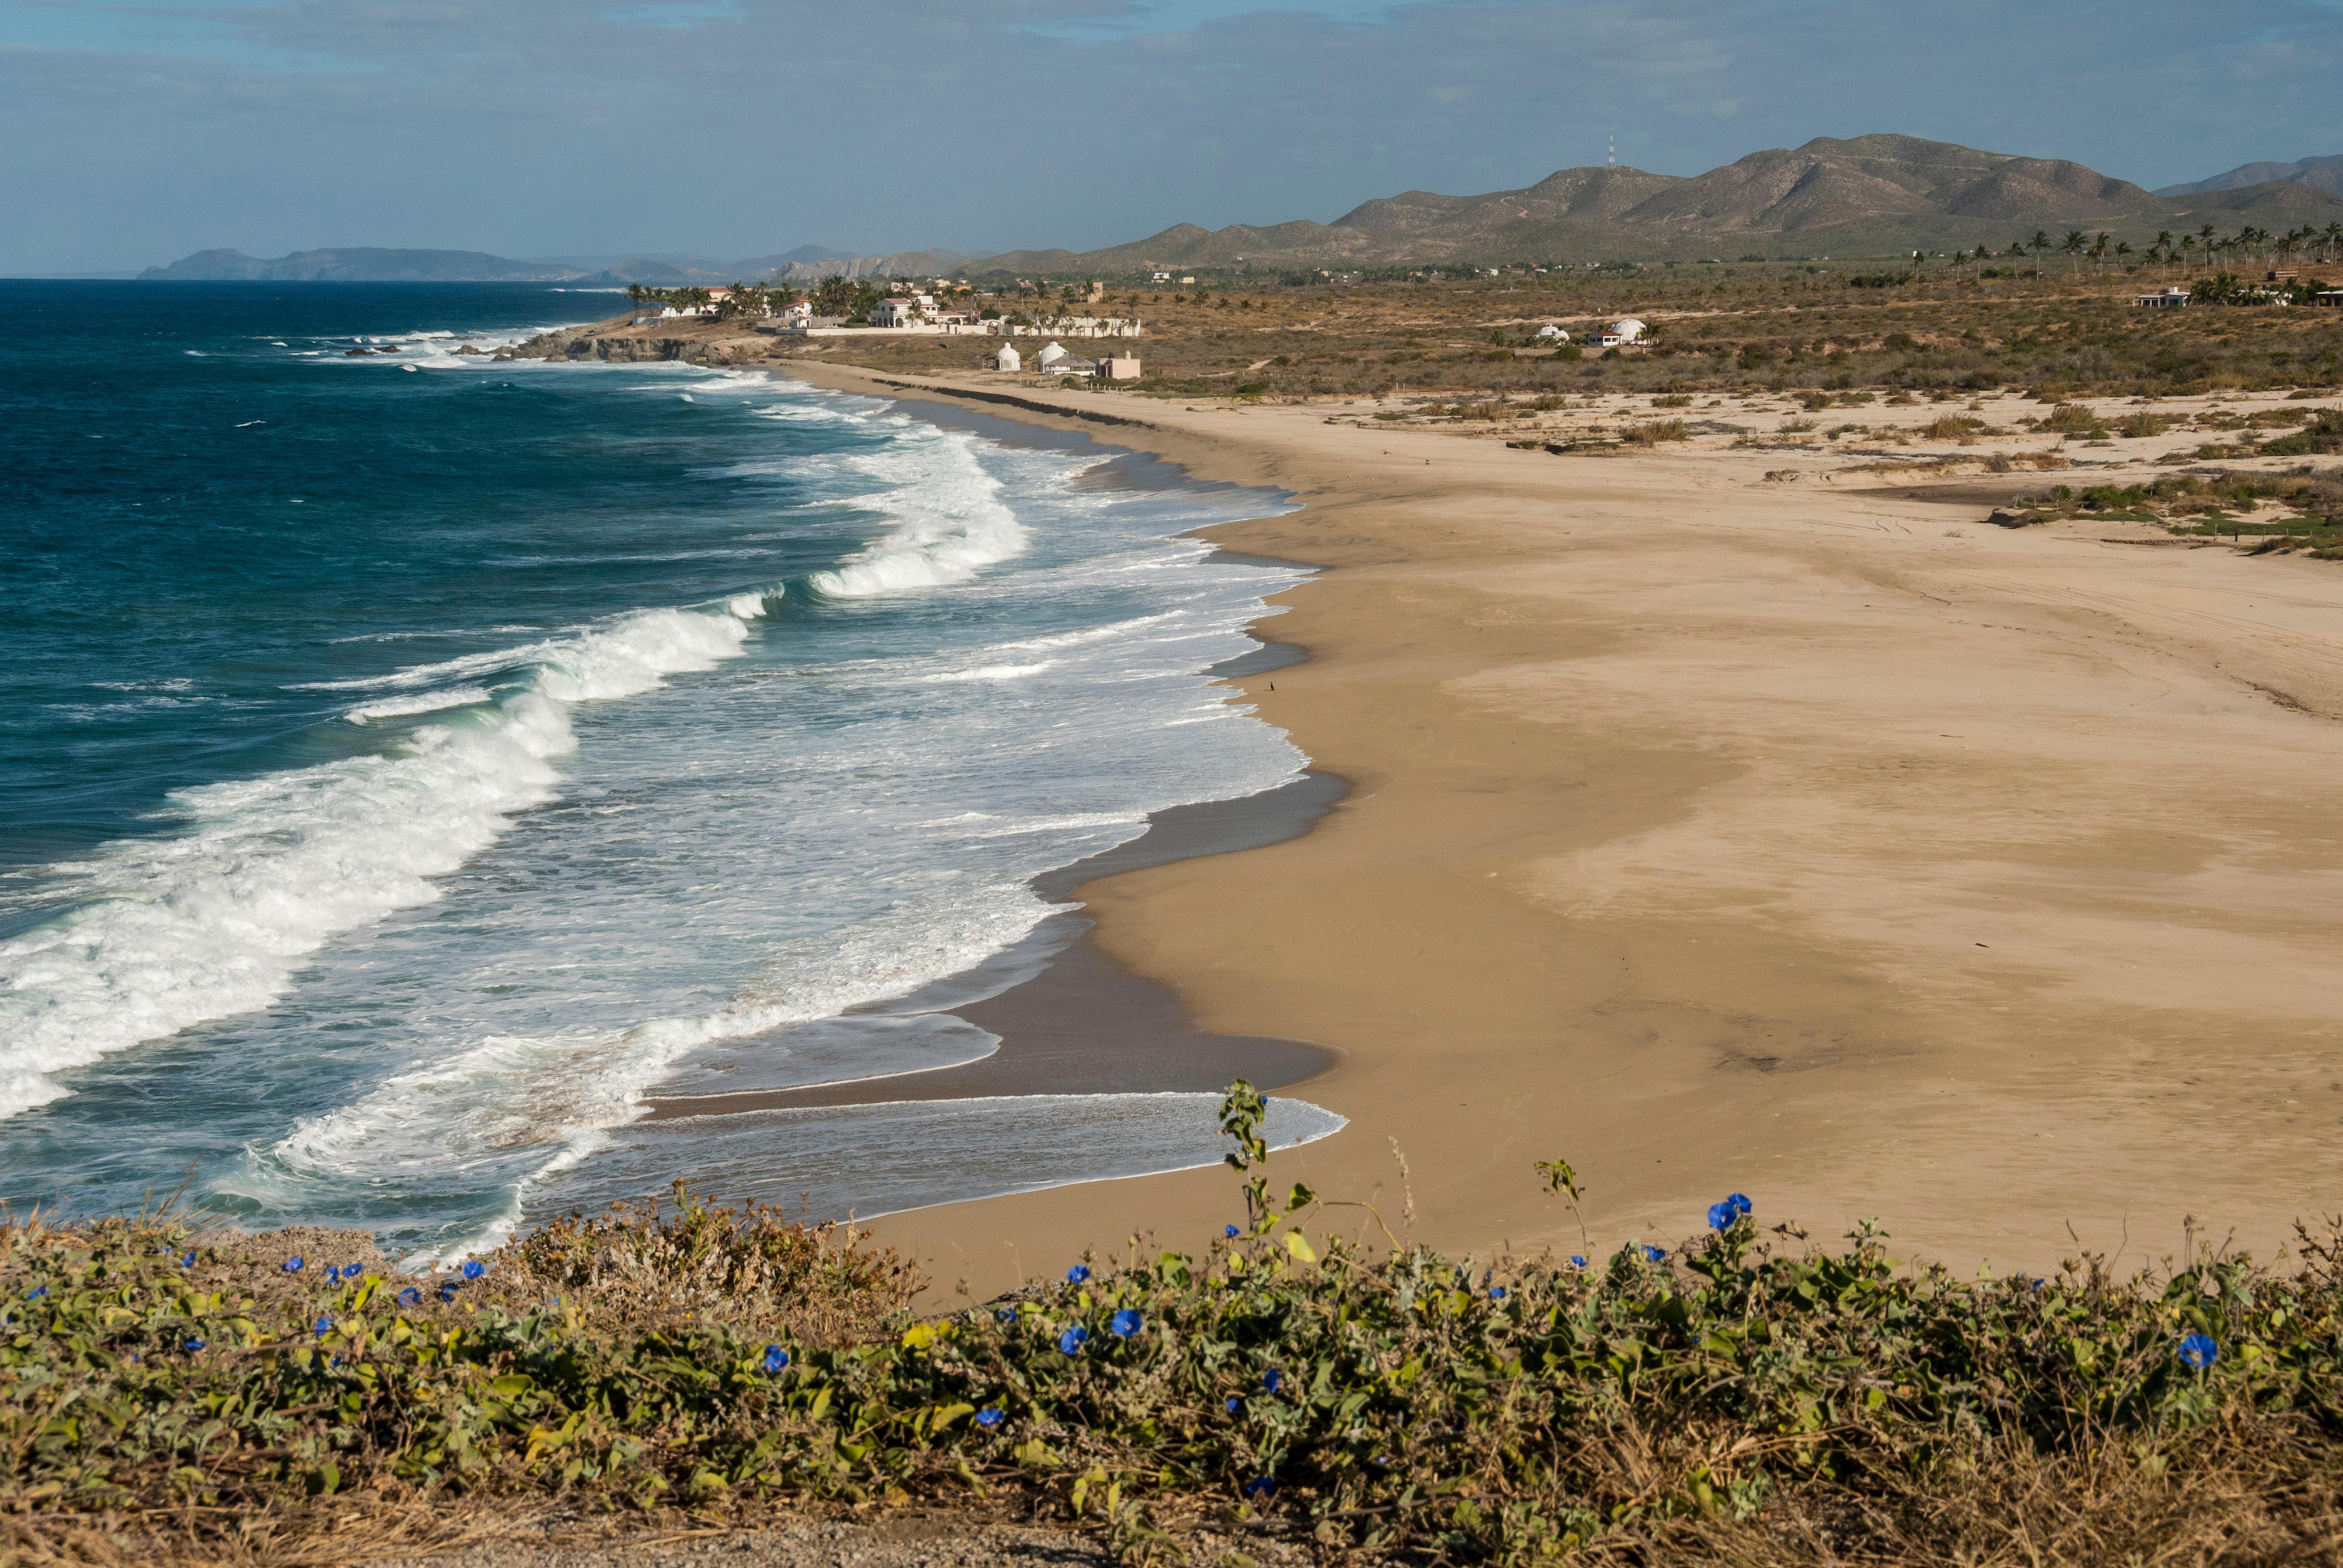 Rp isabel lucas beach top jpg